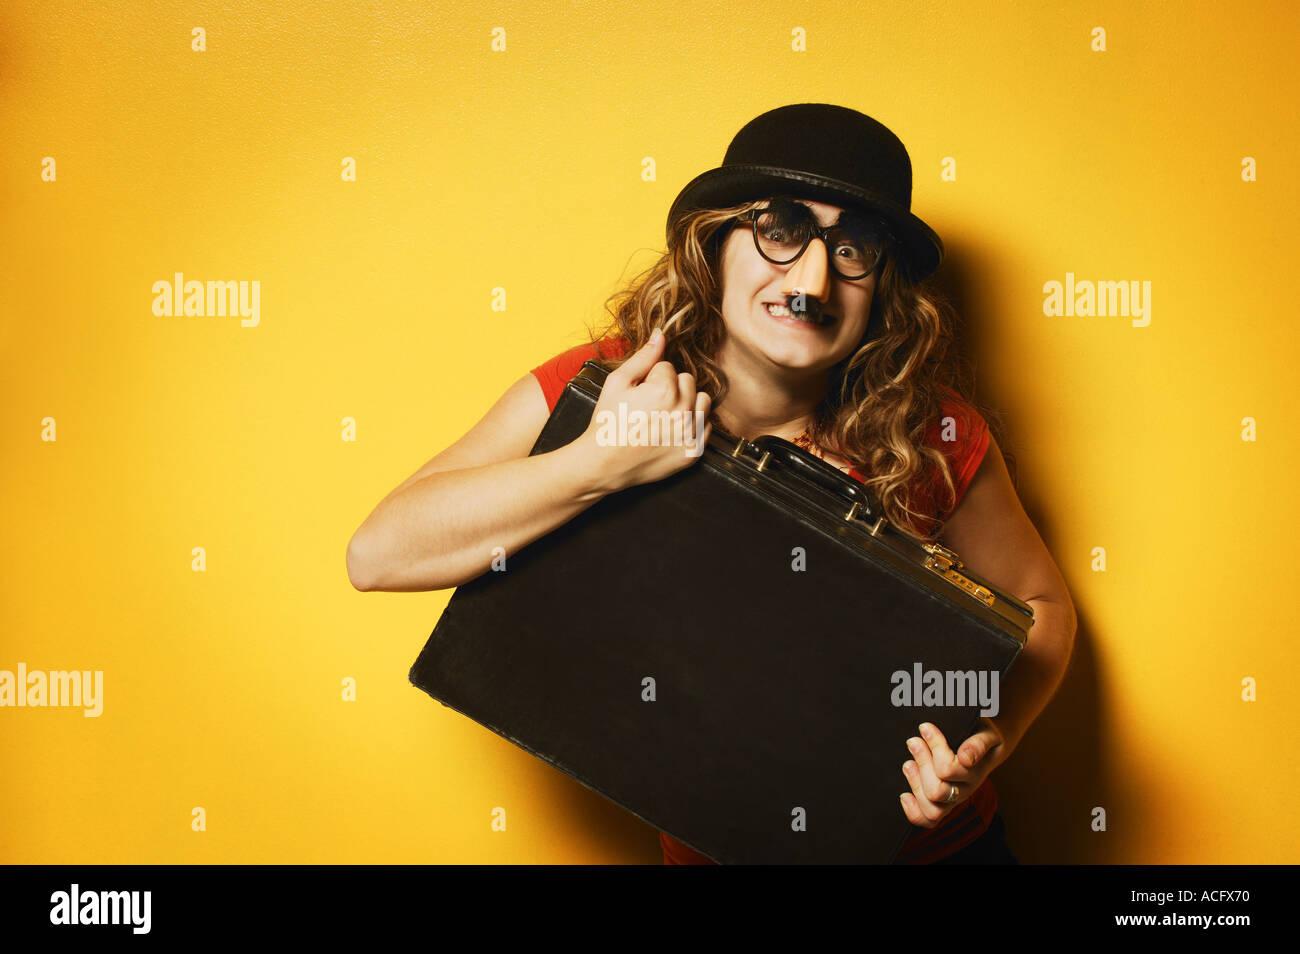 Lady dressed goofy - Stock Image